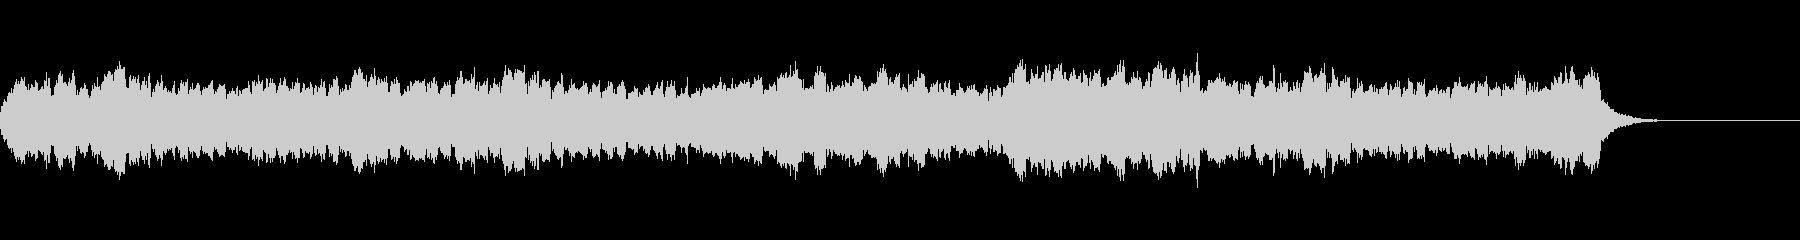 ゆったりとした雰囲気のミニ弦楽三重奏曲の未再生の波形